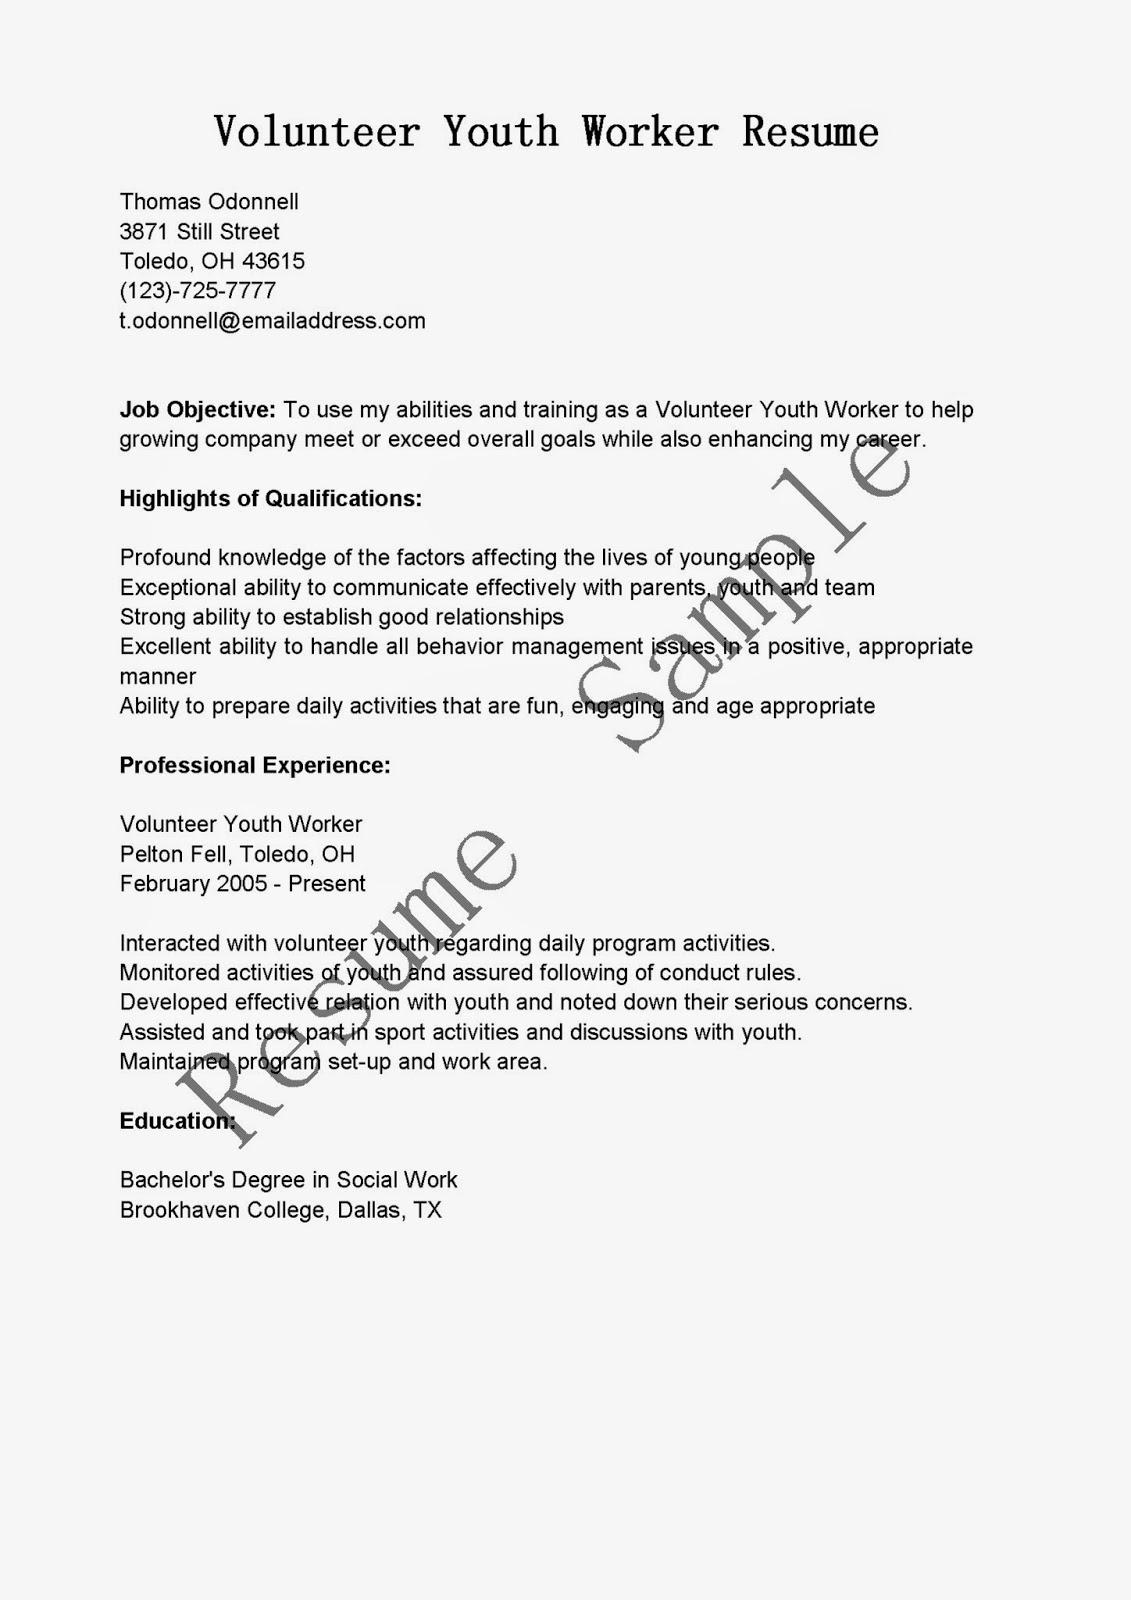 resume samples  volunteer youth worker resume sample